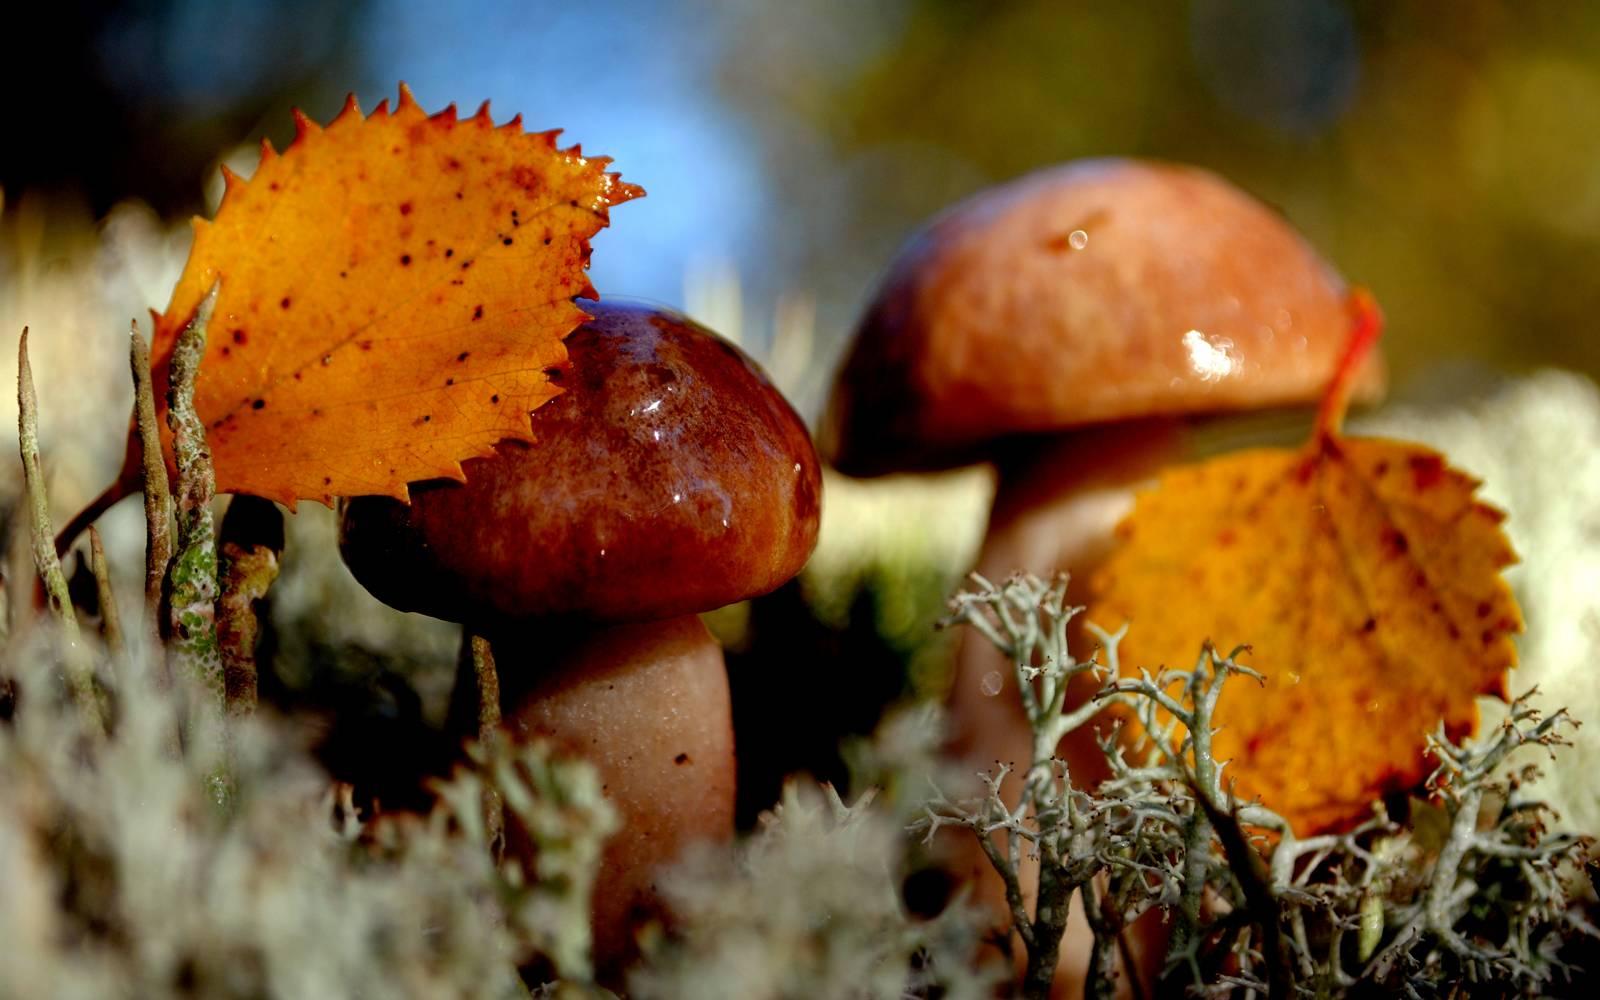 Каким образом происходит питание грибов и в чем его особенности?